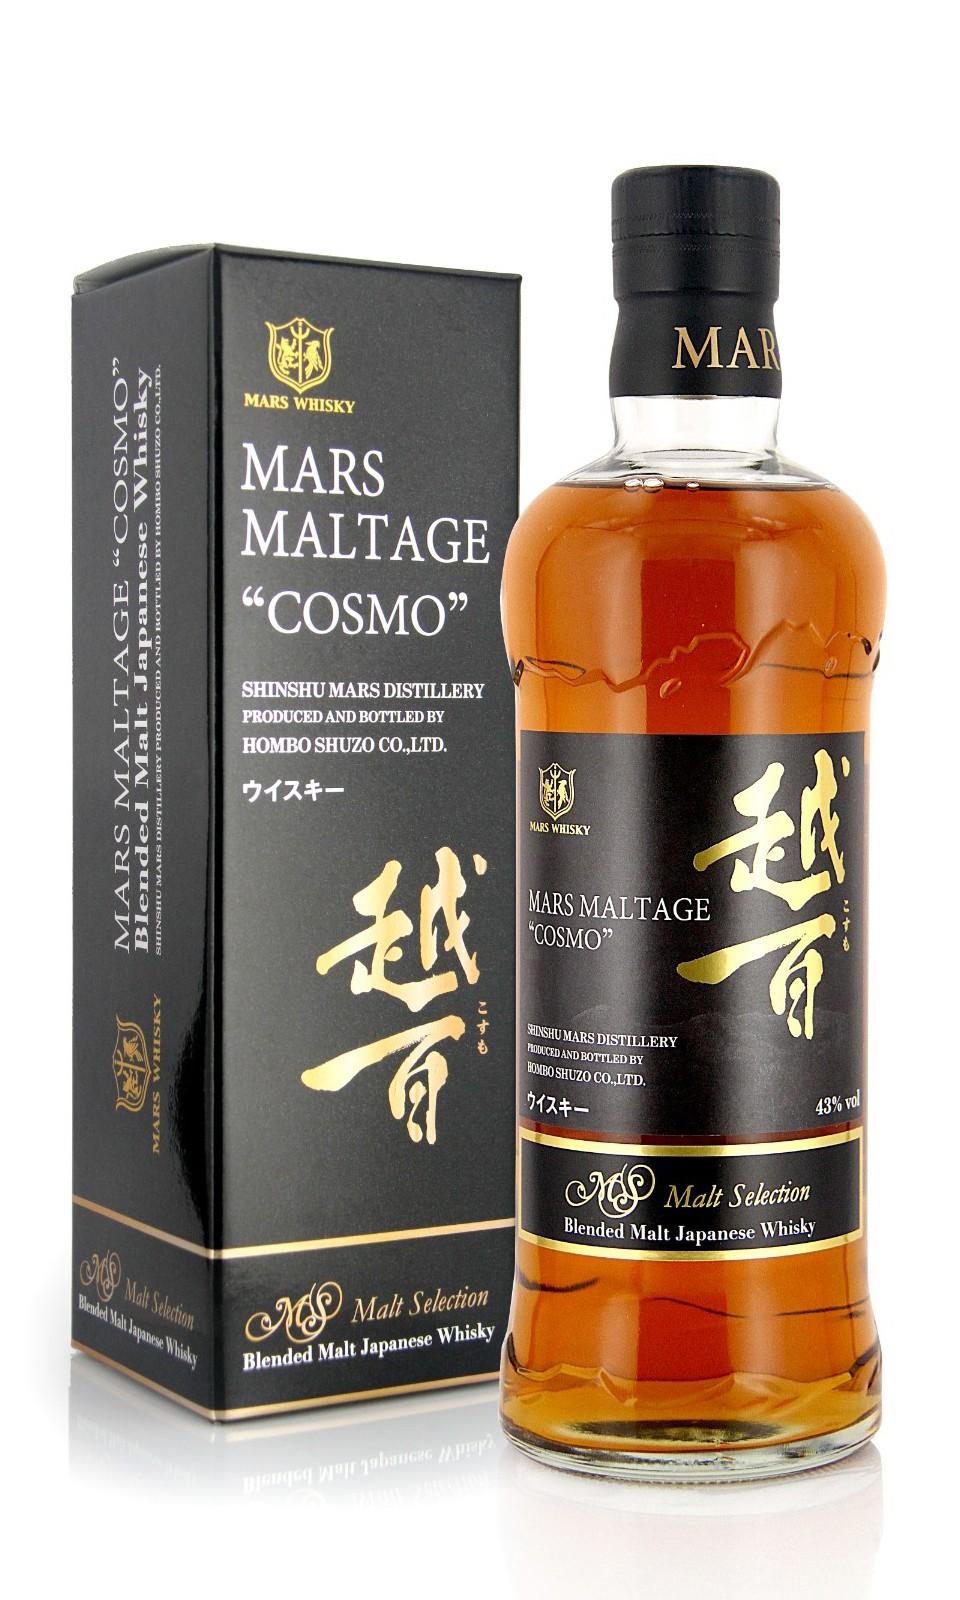 ลัง 12 ขวด Mars Maltage Cosmo 700ml